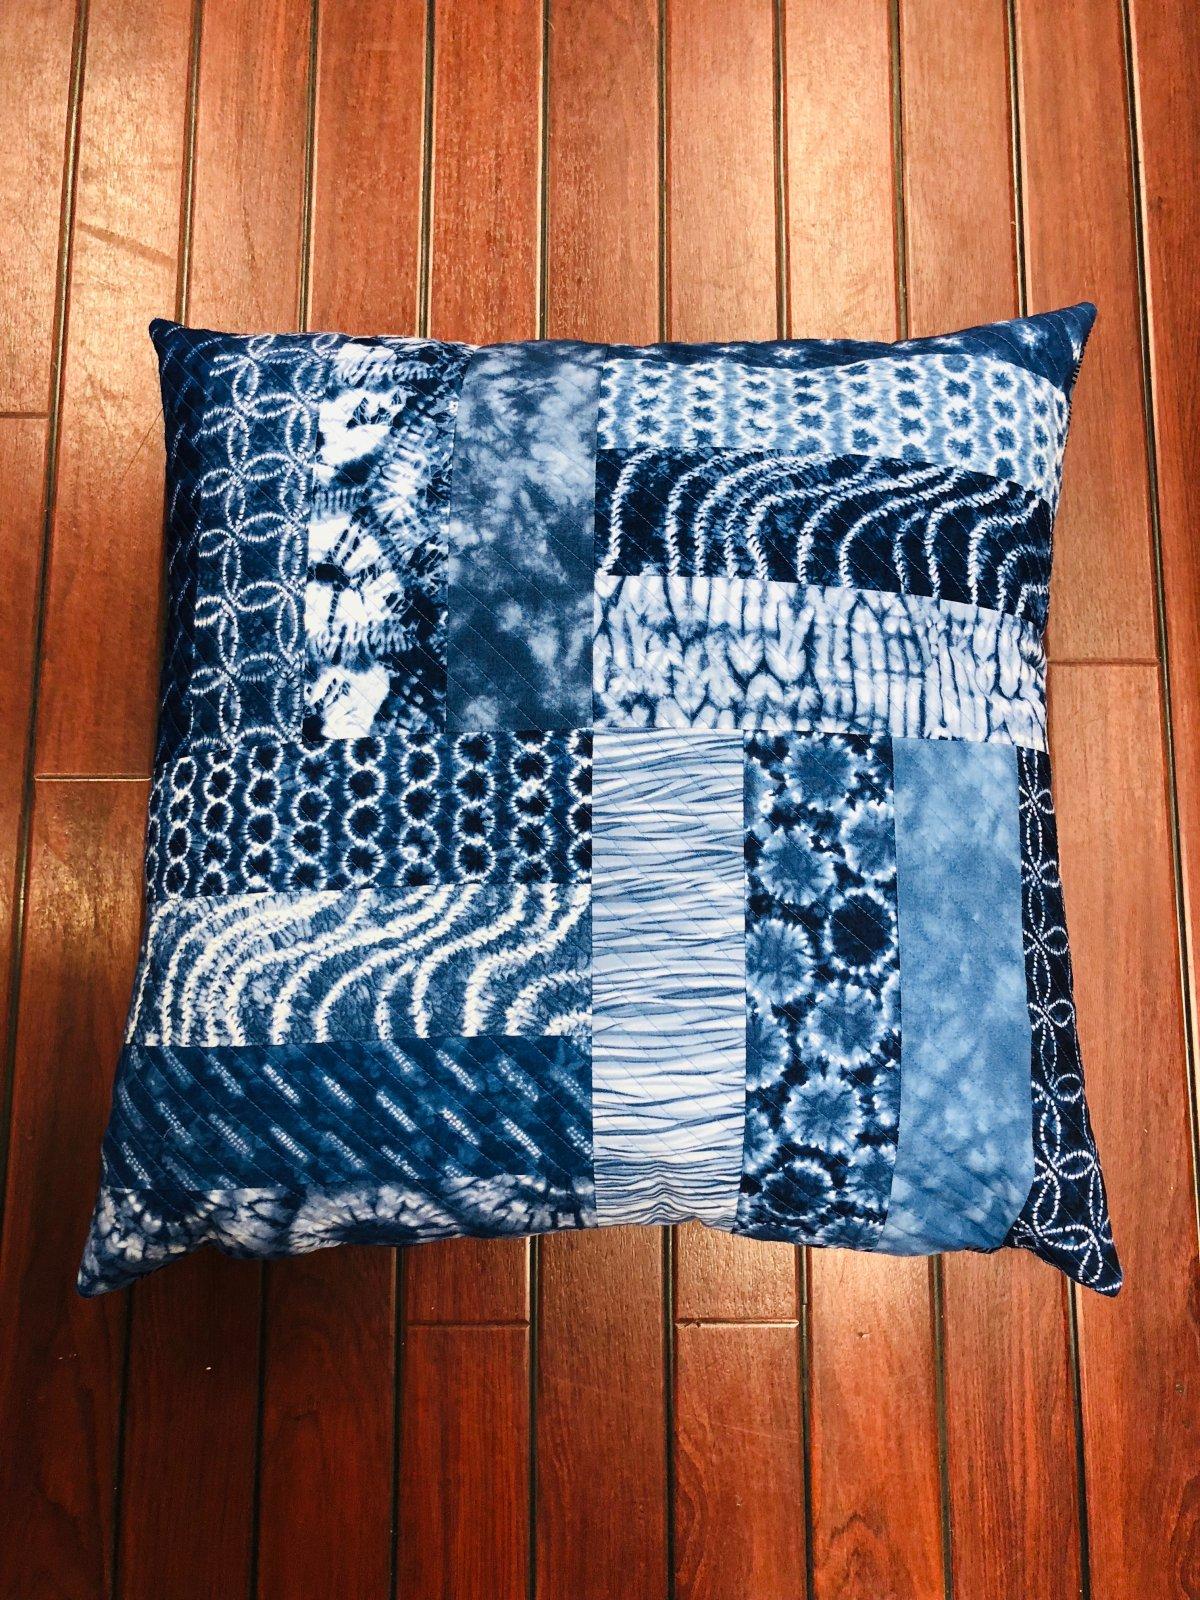 Rail House Blues Cushion Kit